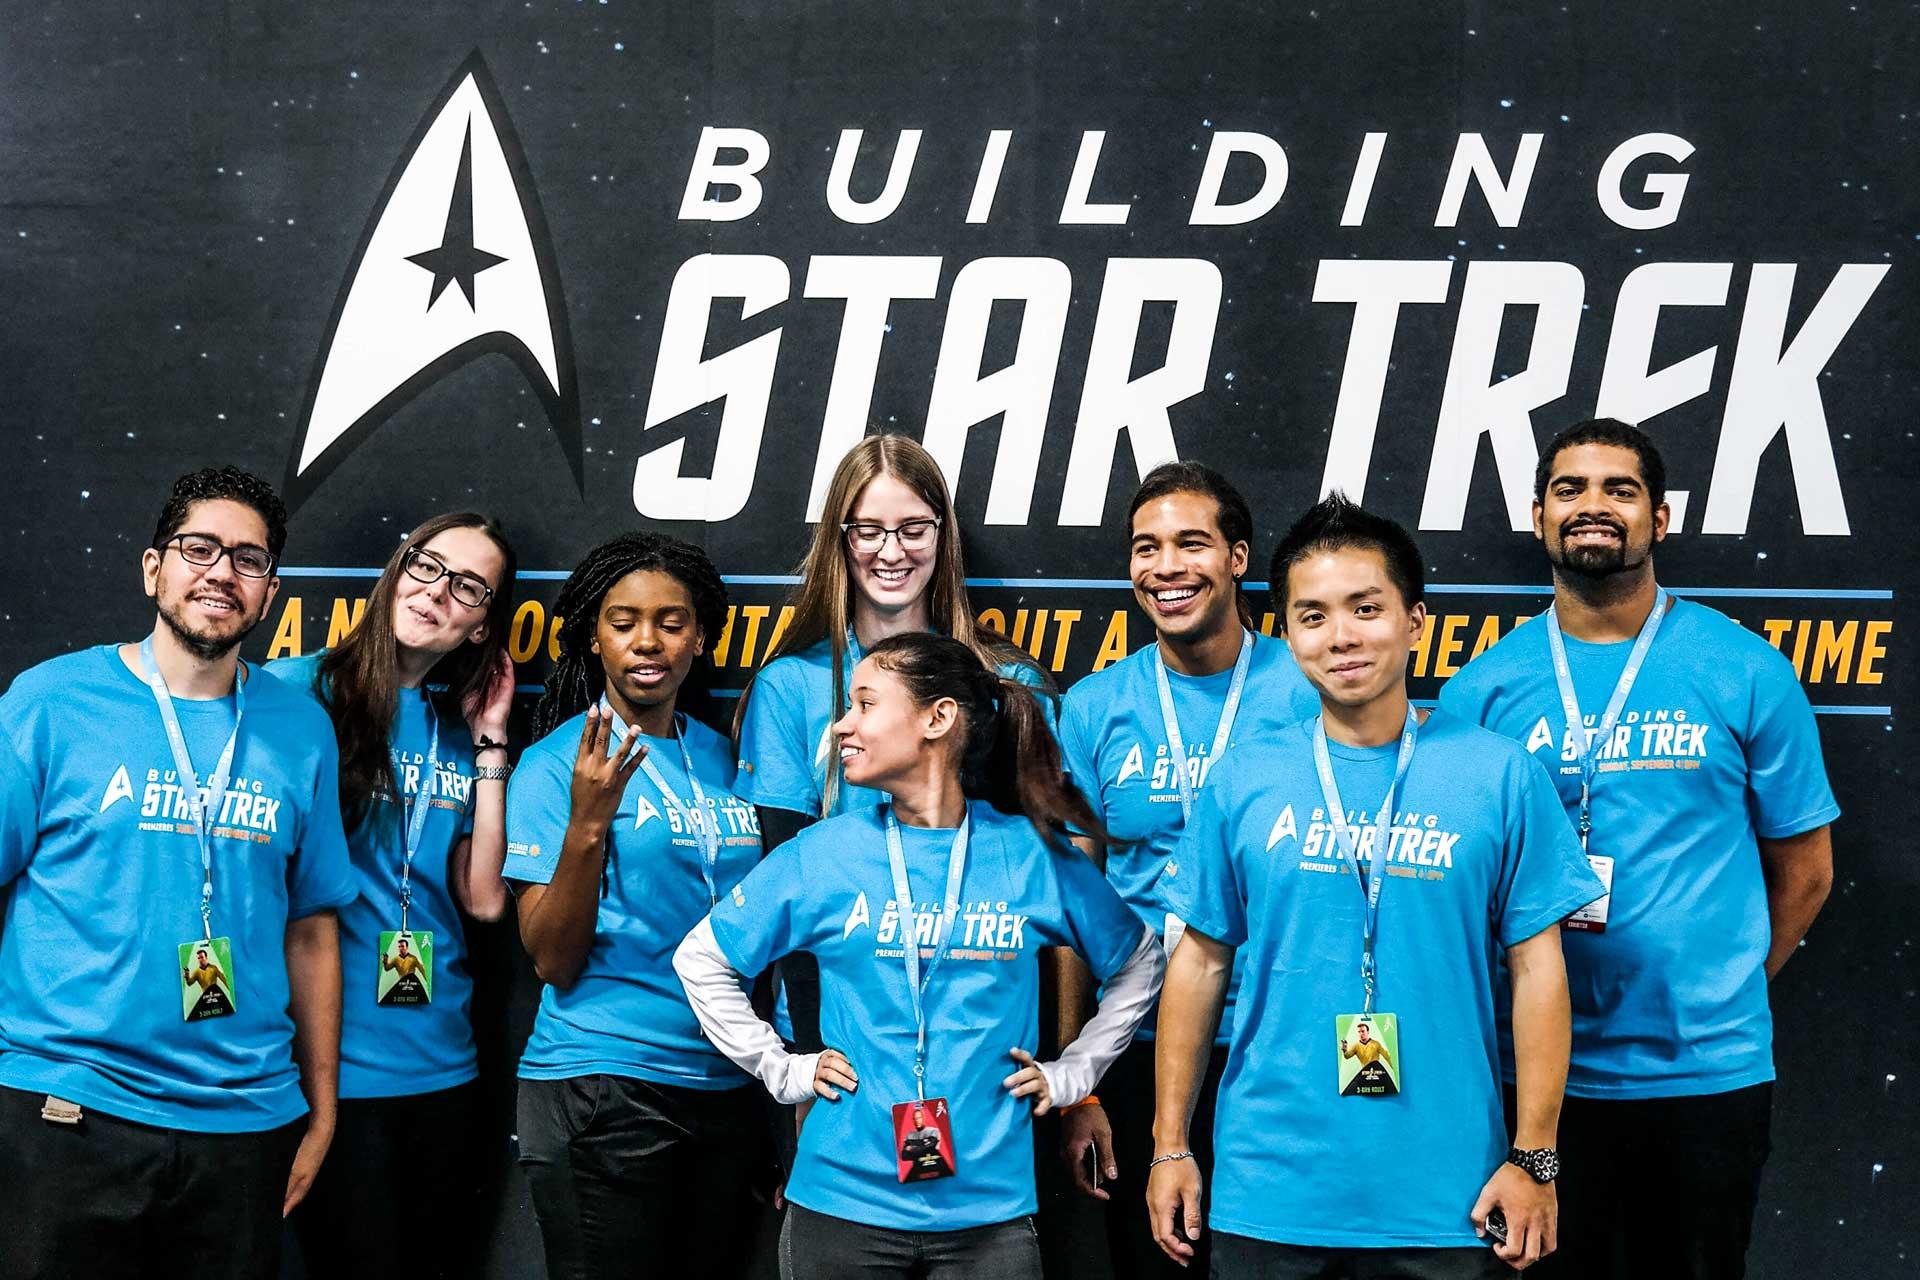 Start Trek staff